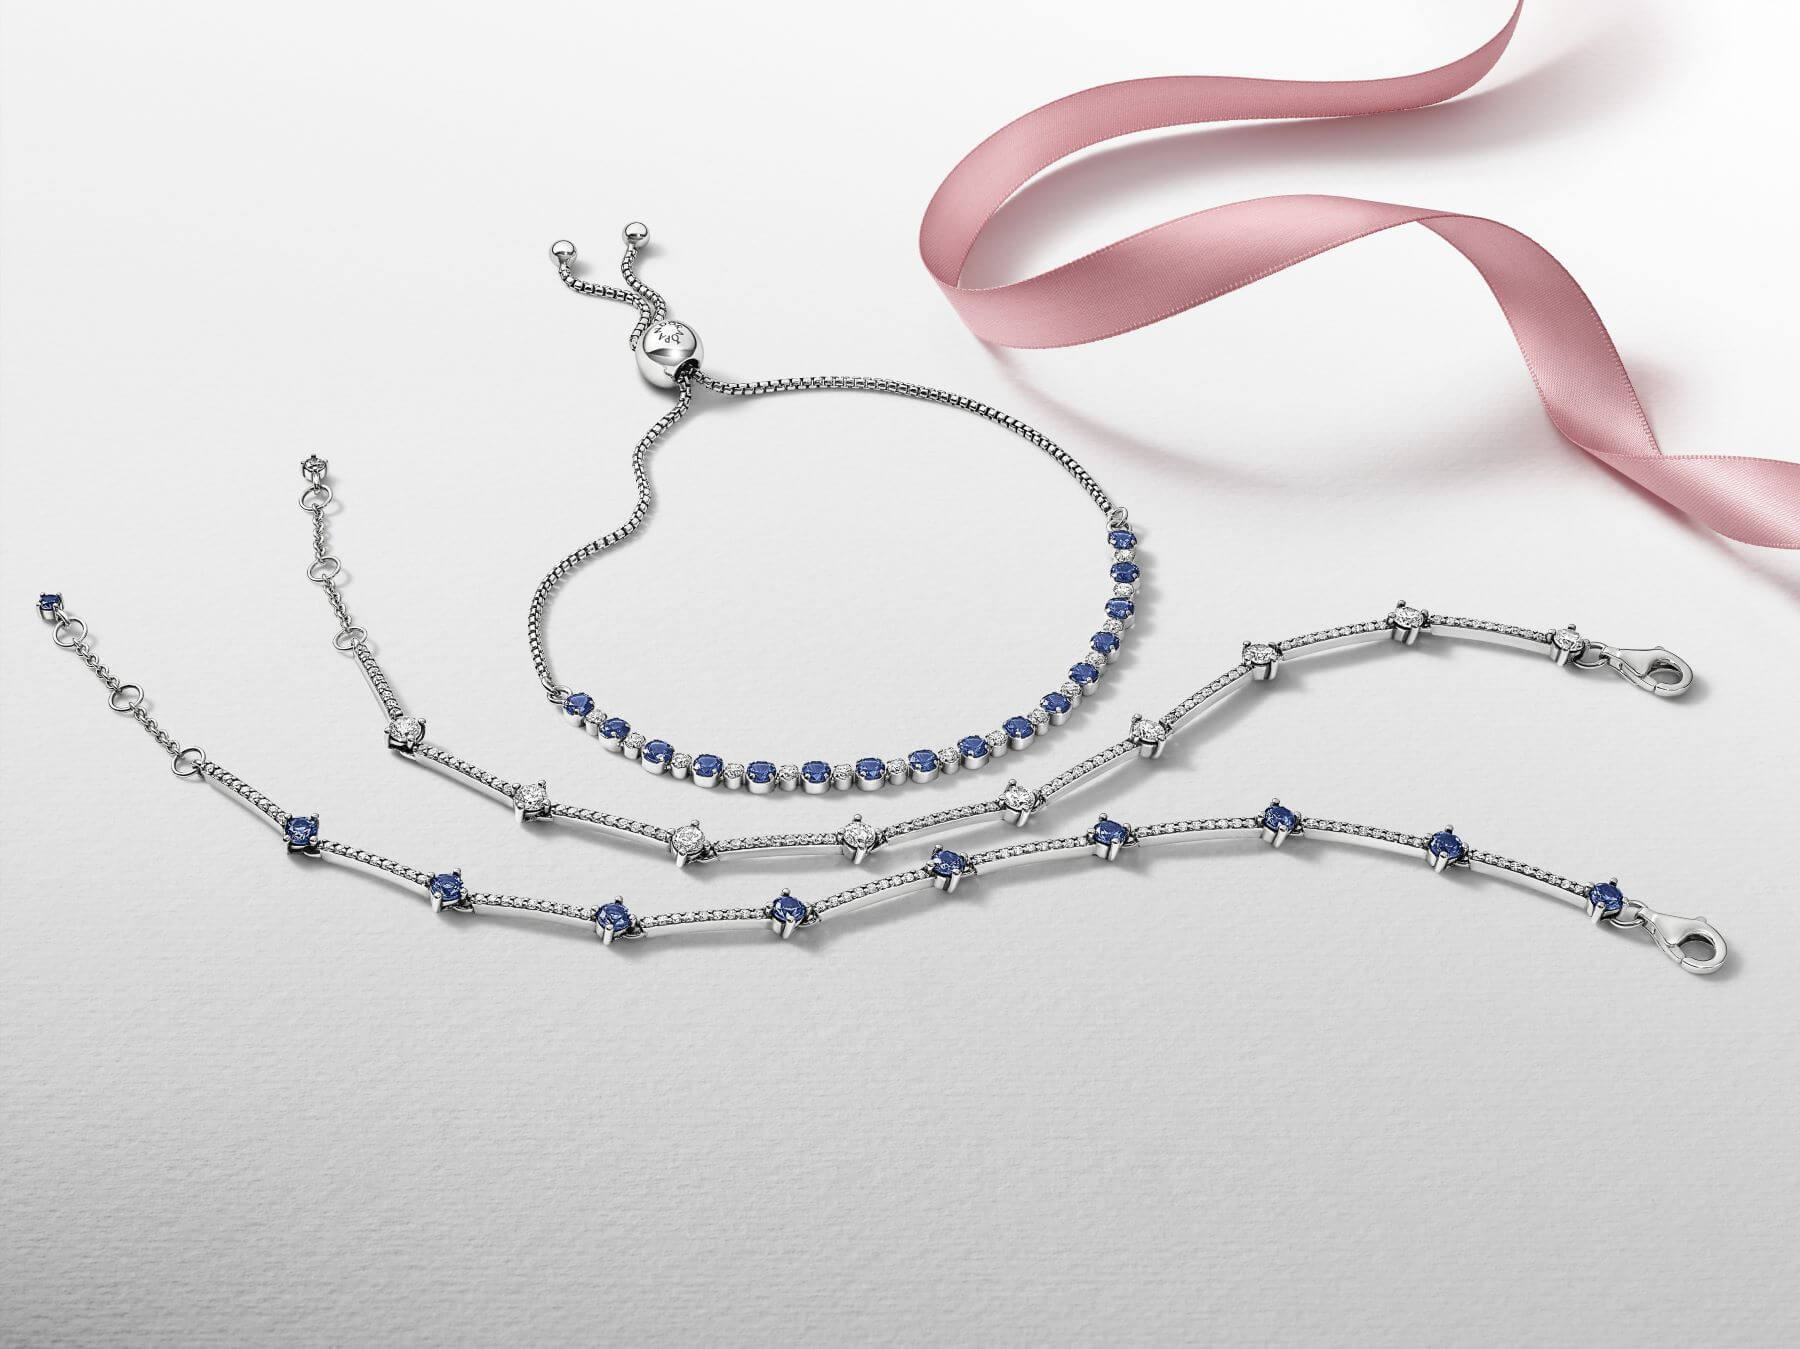 Timeless系列有不少設計選用了經典星空藍色寶石作為主要素材,這款密鑲式設計的藍色寶石手鏈,配以品牌經典滑扣,設計時尚。$899